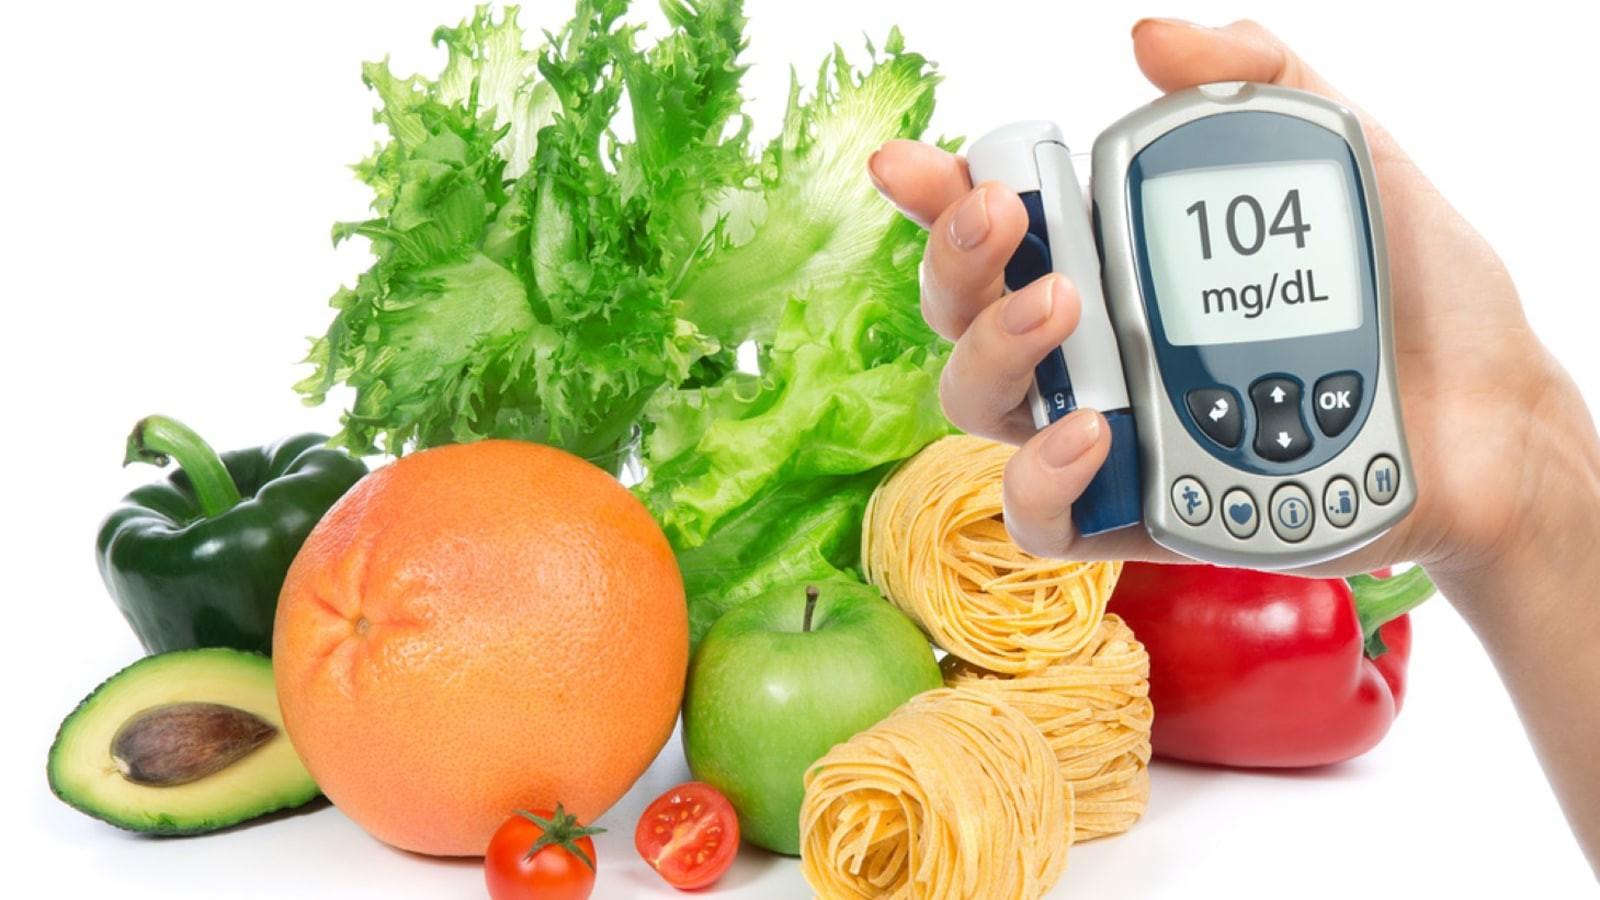 Chế độ dinh dưỡng cũng tác động không nhỏ đến chỉ số đường huyết